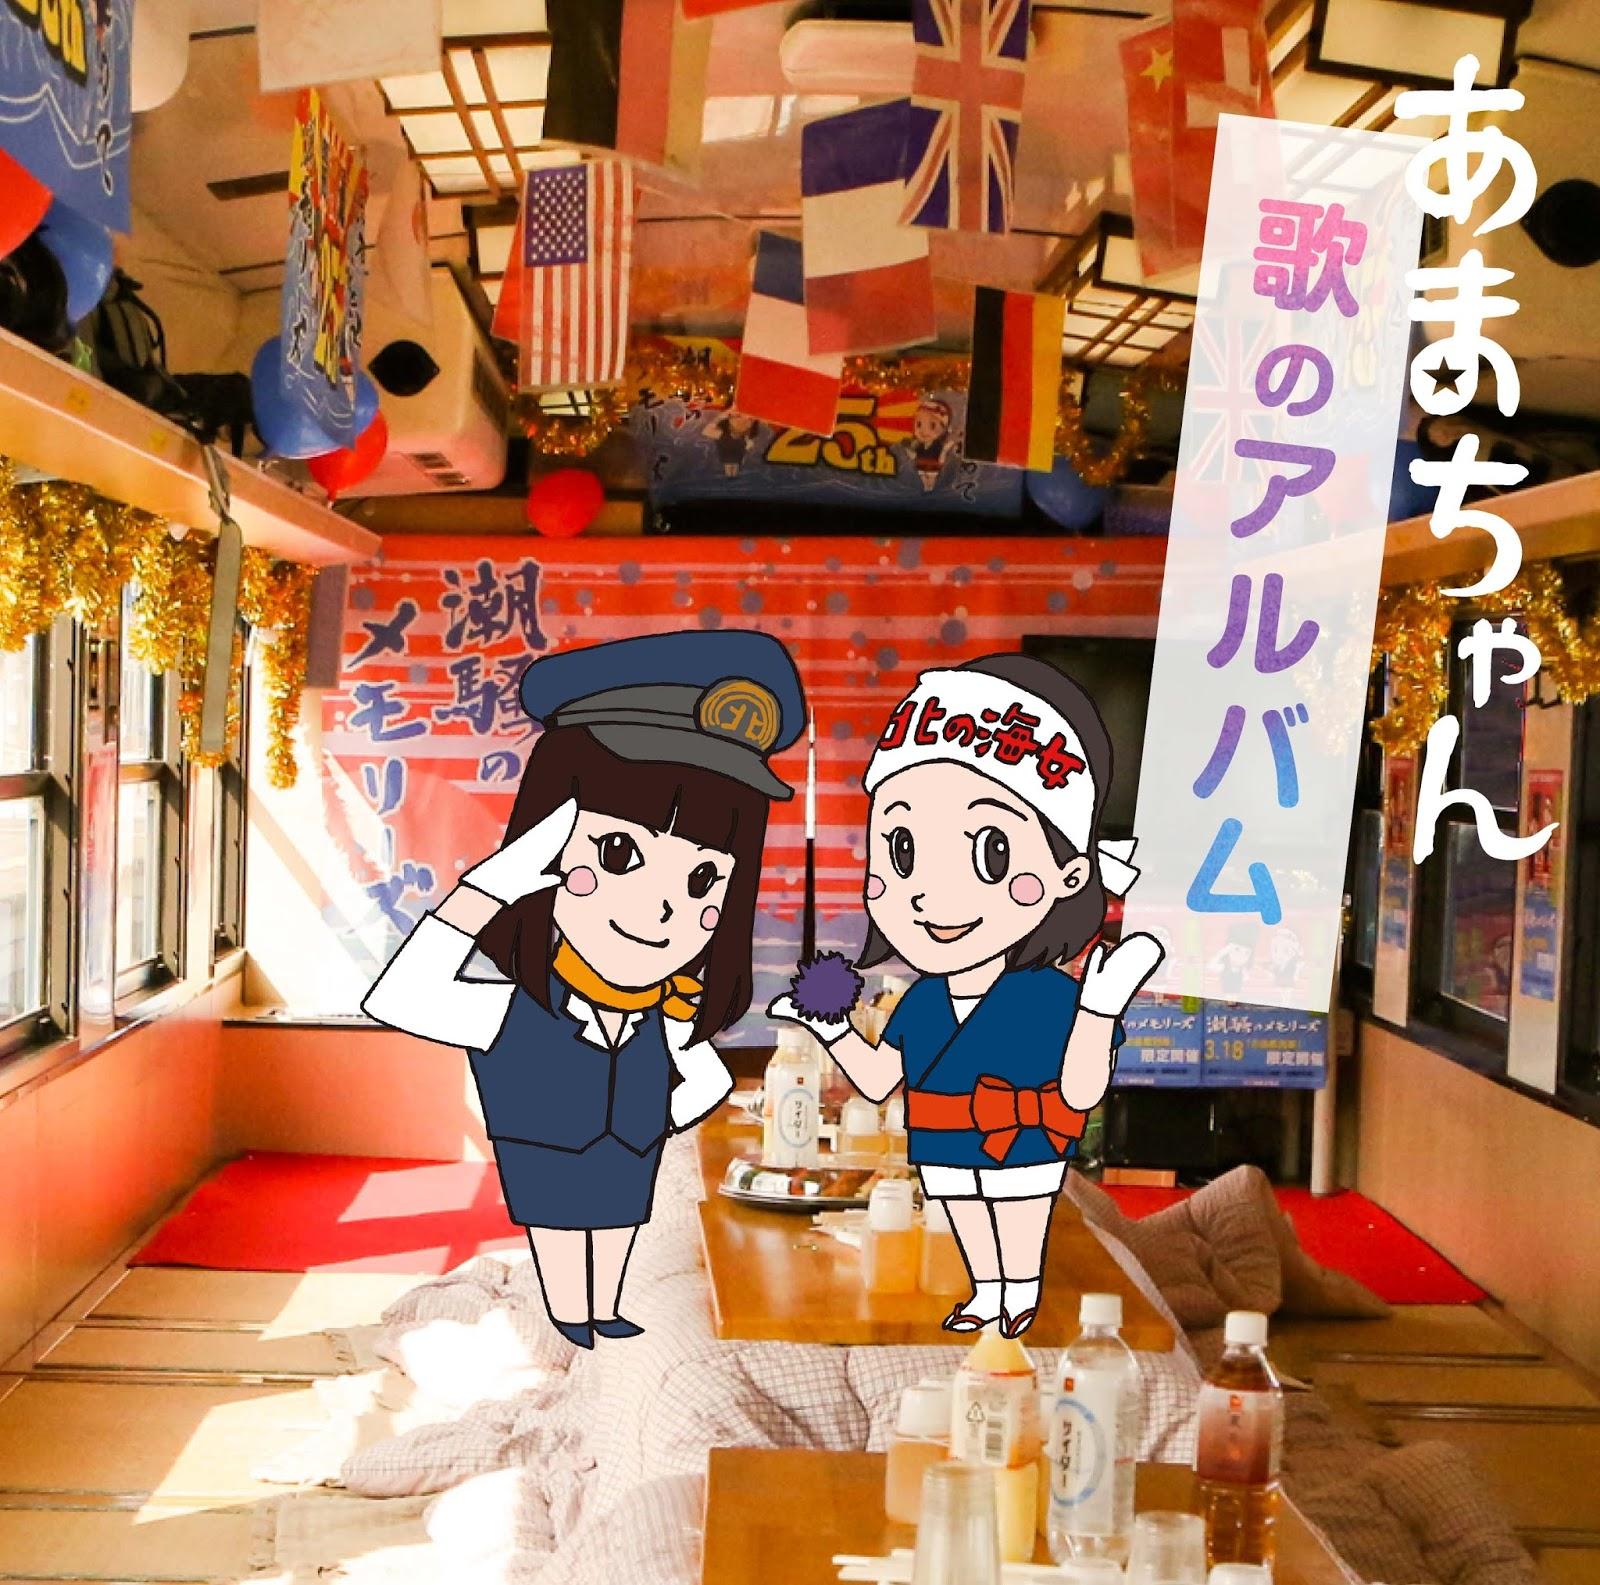 shiosai no memory mp3